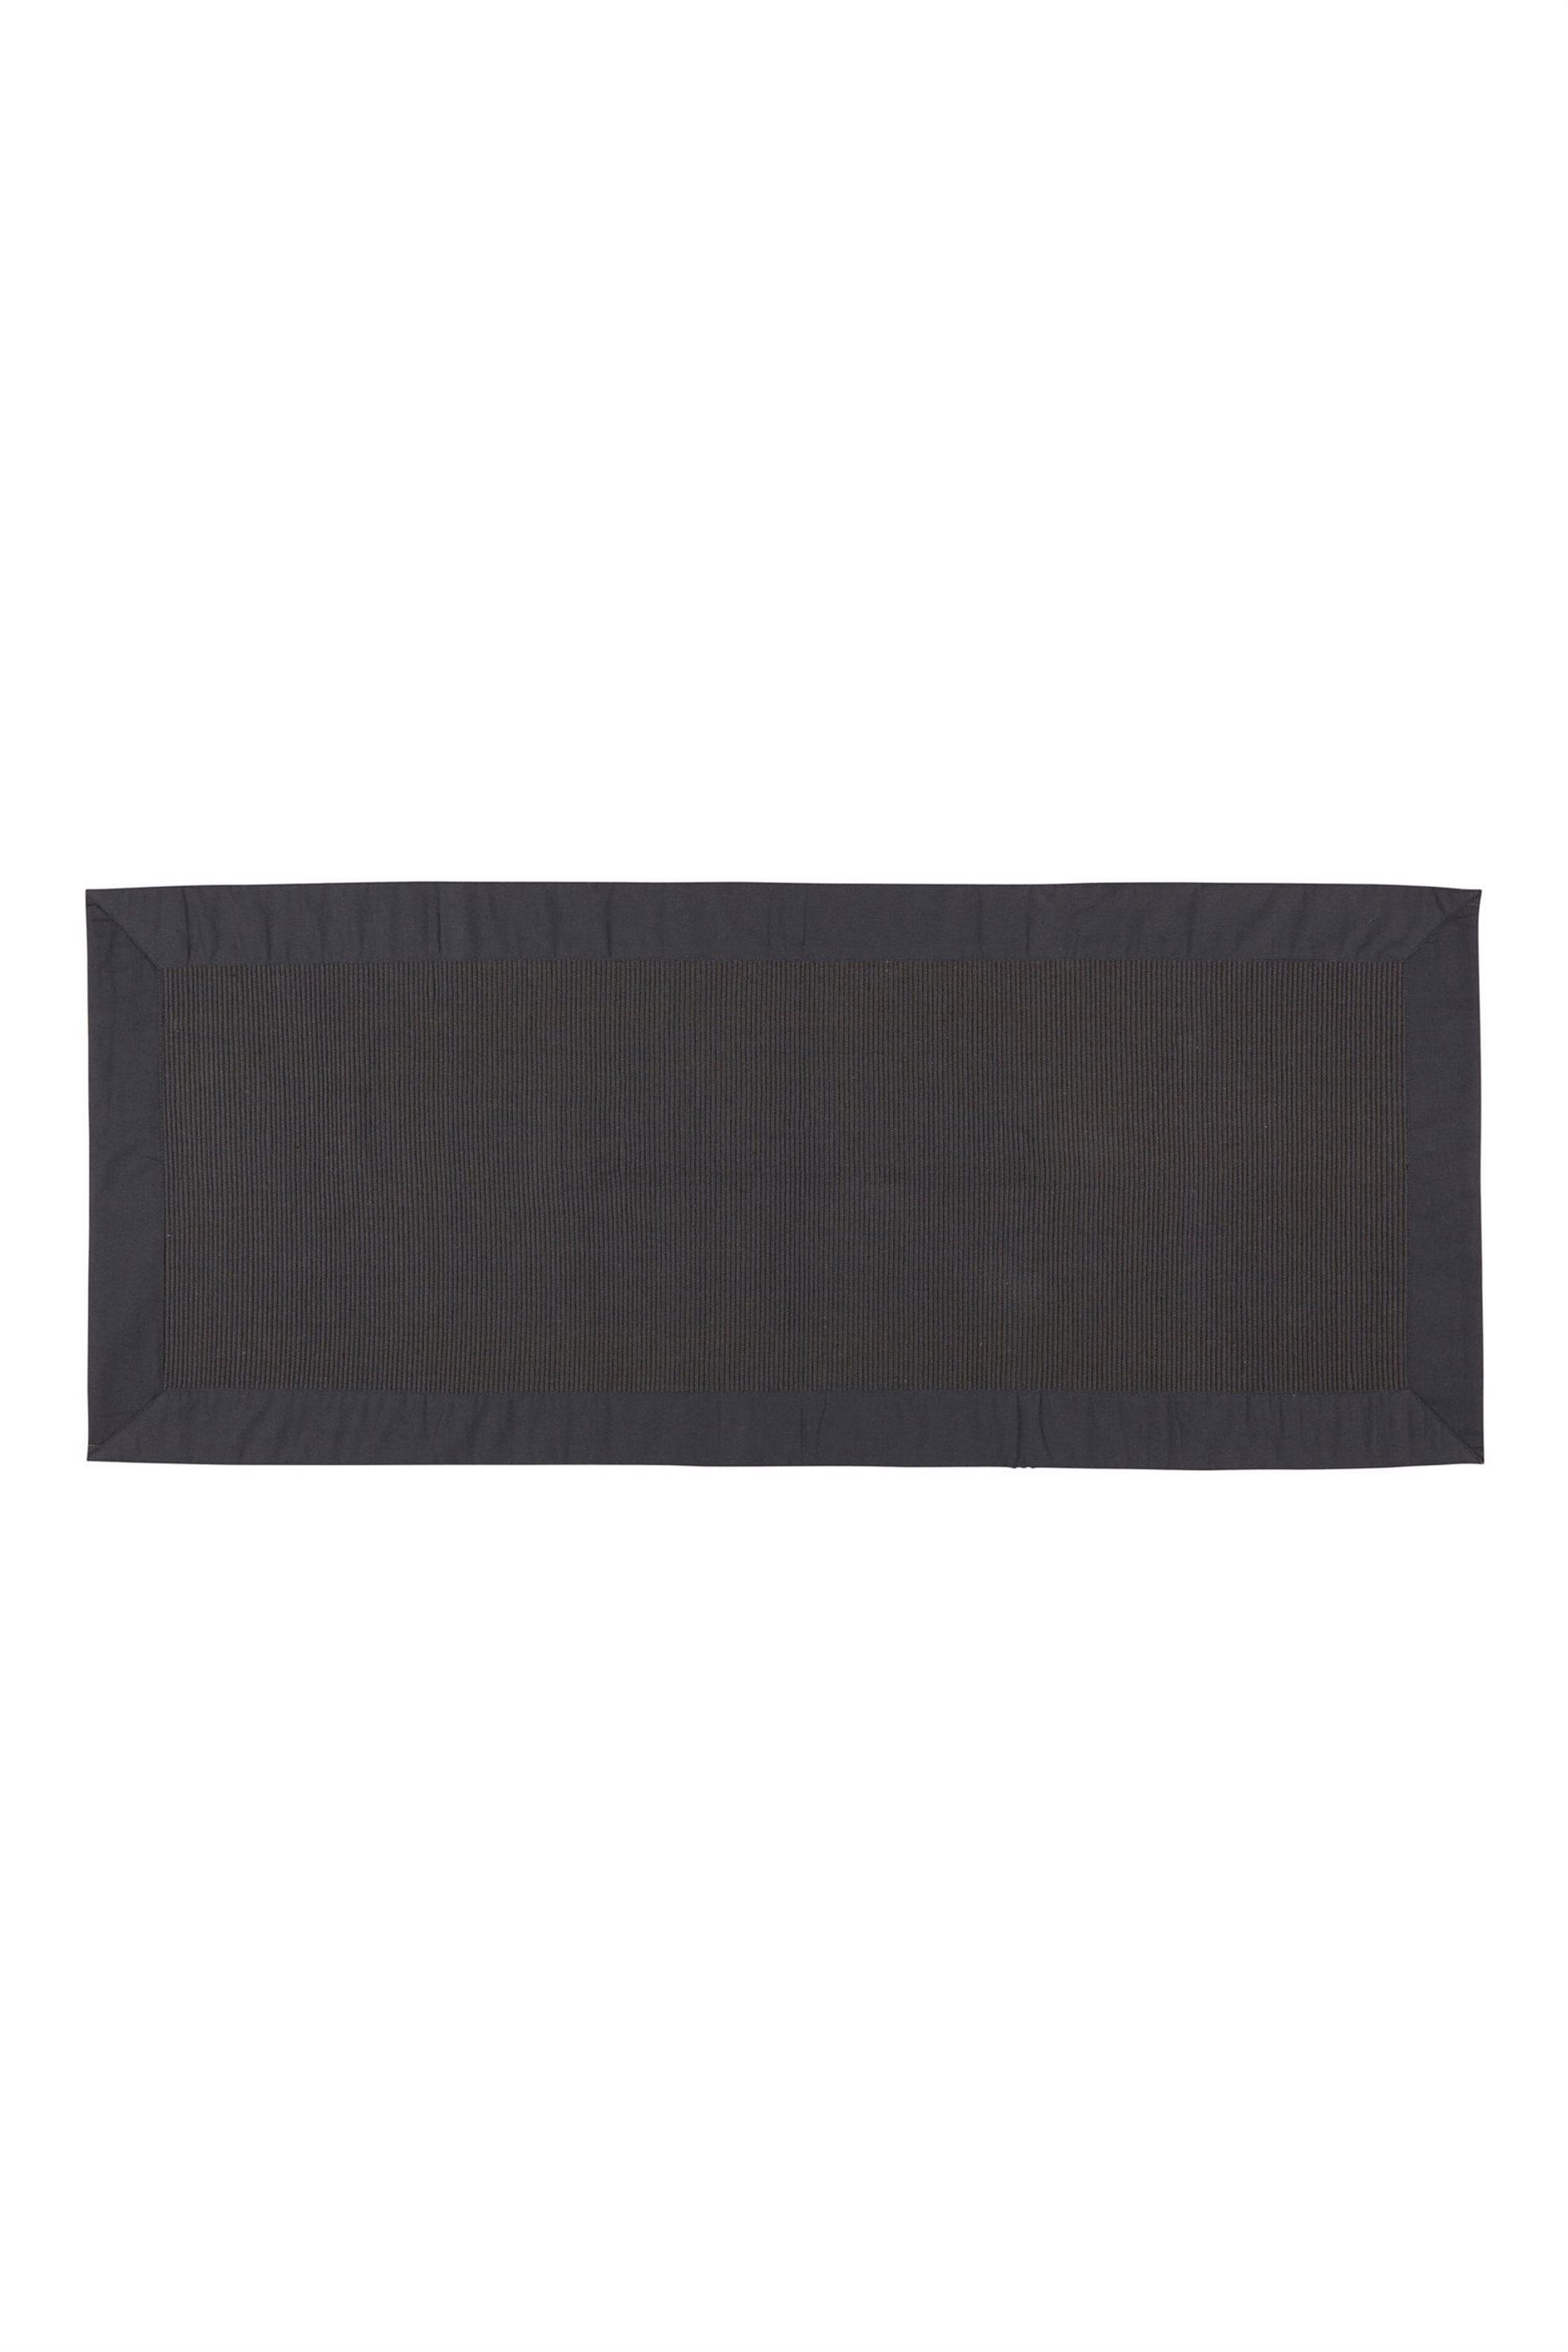 Σουπλά Zefiro μαύρο με ribbed σχέδιο 120 x 50 cm Coincasa - ...